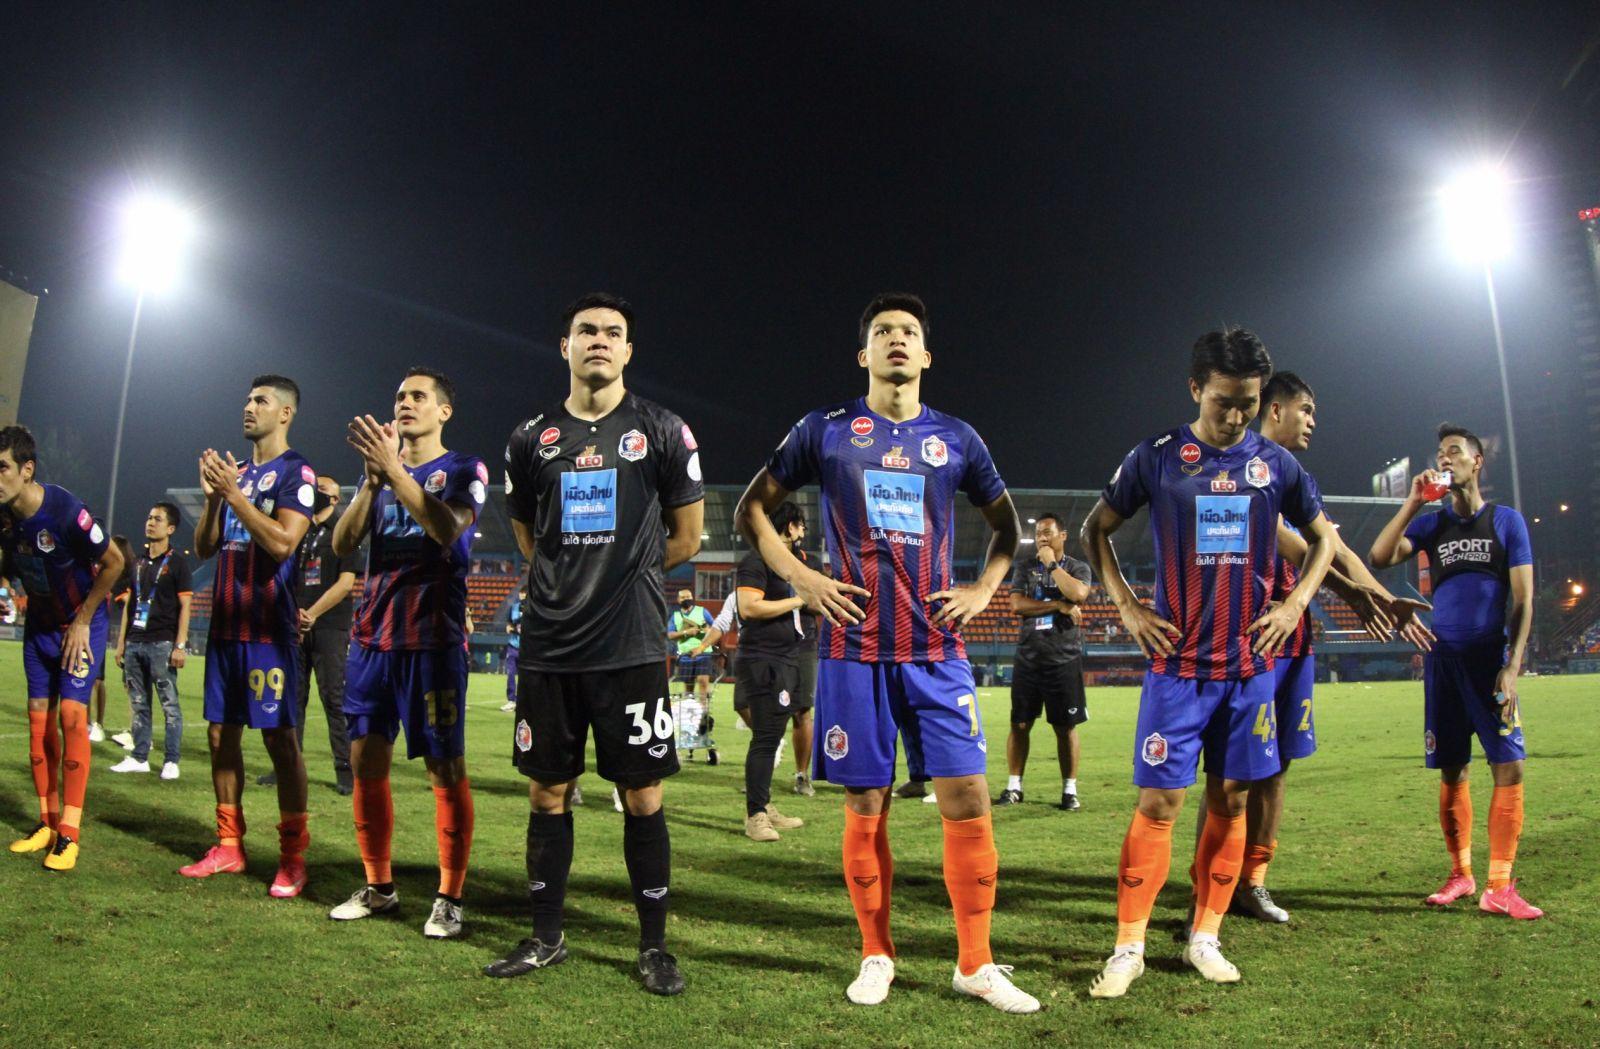 เปิดตัวชาติคู่แข่ง เพลย์ออฟชปล.ของไทย ปีหน้า บีจี ท่าเรือ ส่อเล่นยาว เปิดตัวชาติคู่แข่ง เพลย์ออฟชปล.ของไทย ปีหน้า บีจี,ท่าเรือ ส่อเล่นยาว